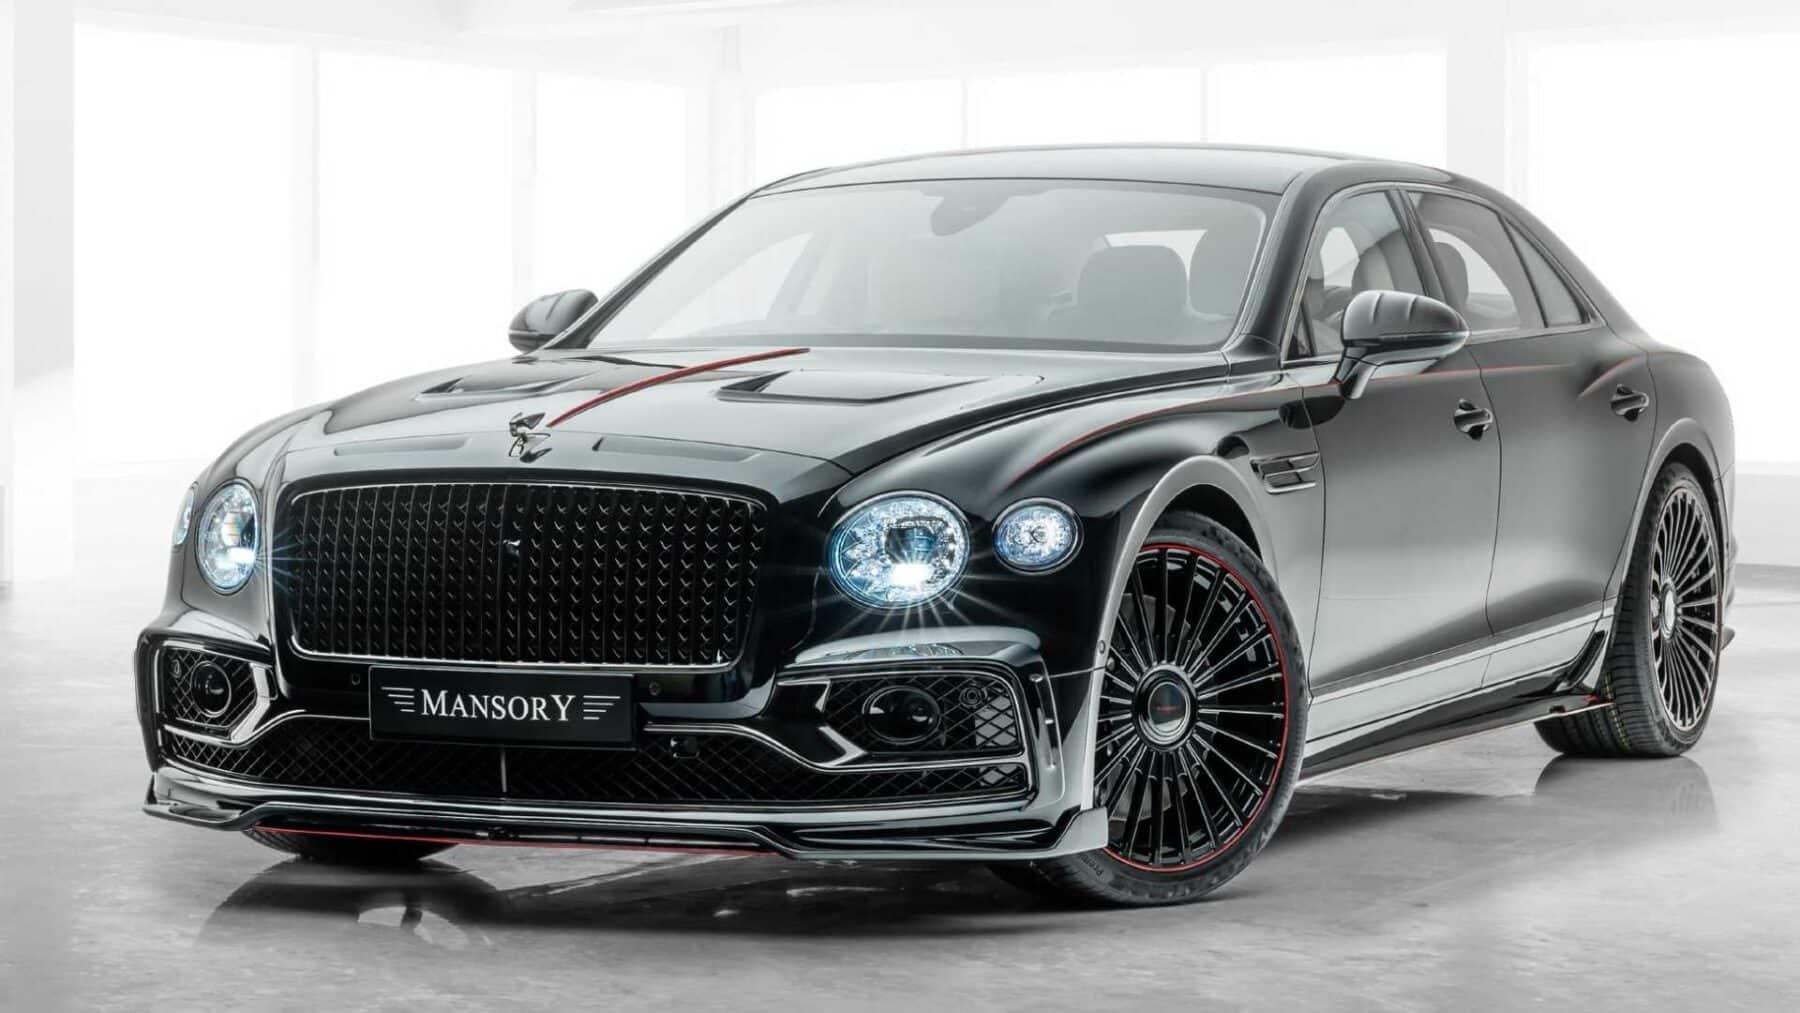 El Tuning No Le Pega A Un Bentley Pero Este Flying Spur De Mansory Con Mas De 700 Cv